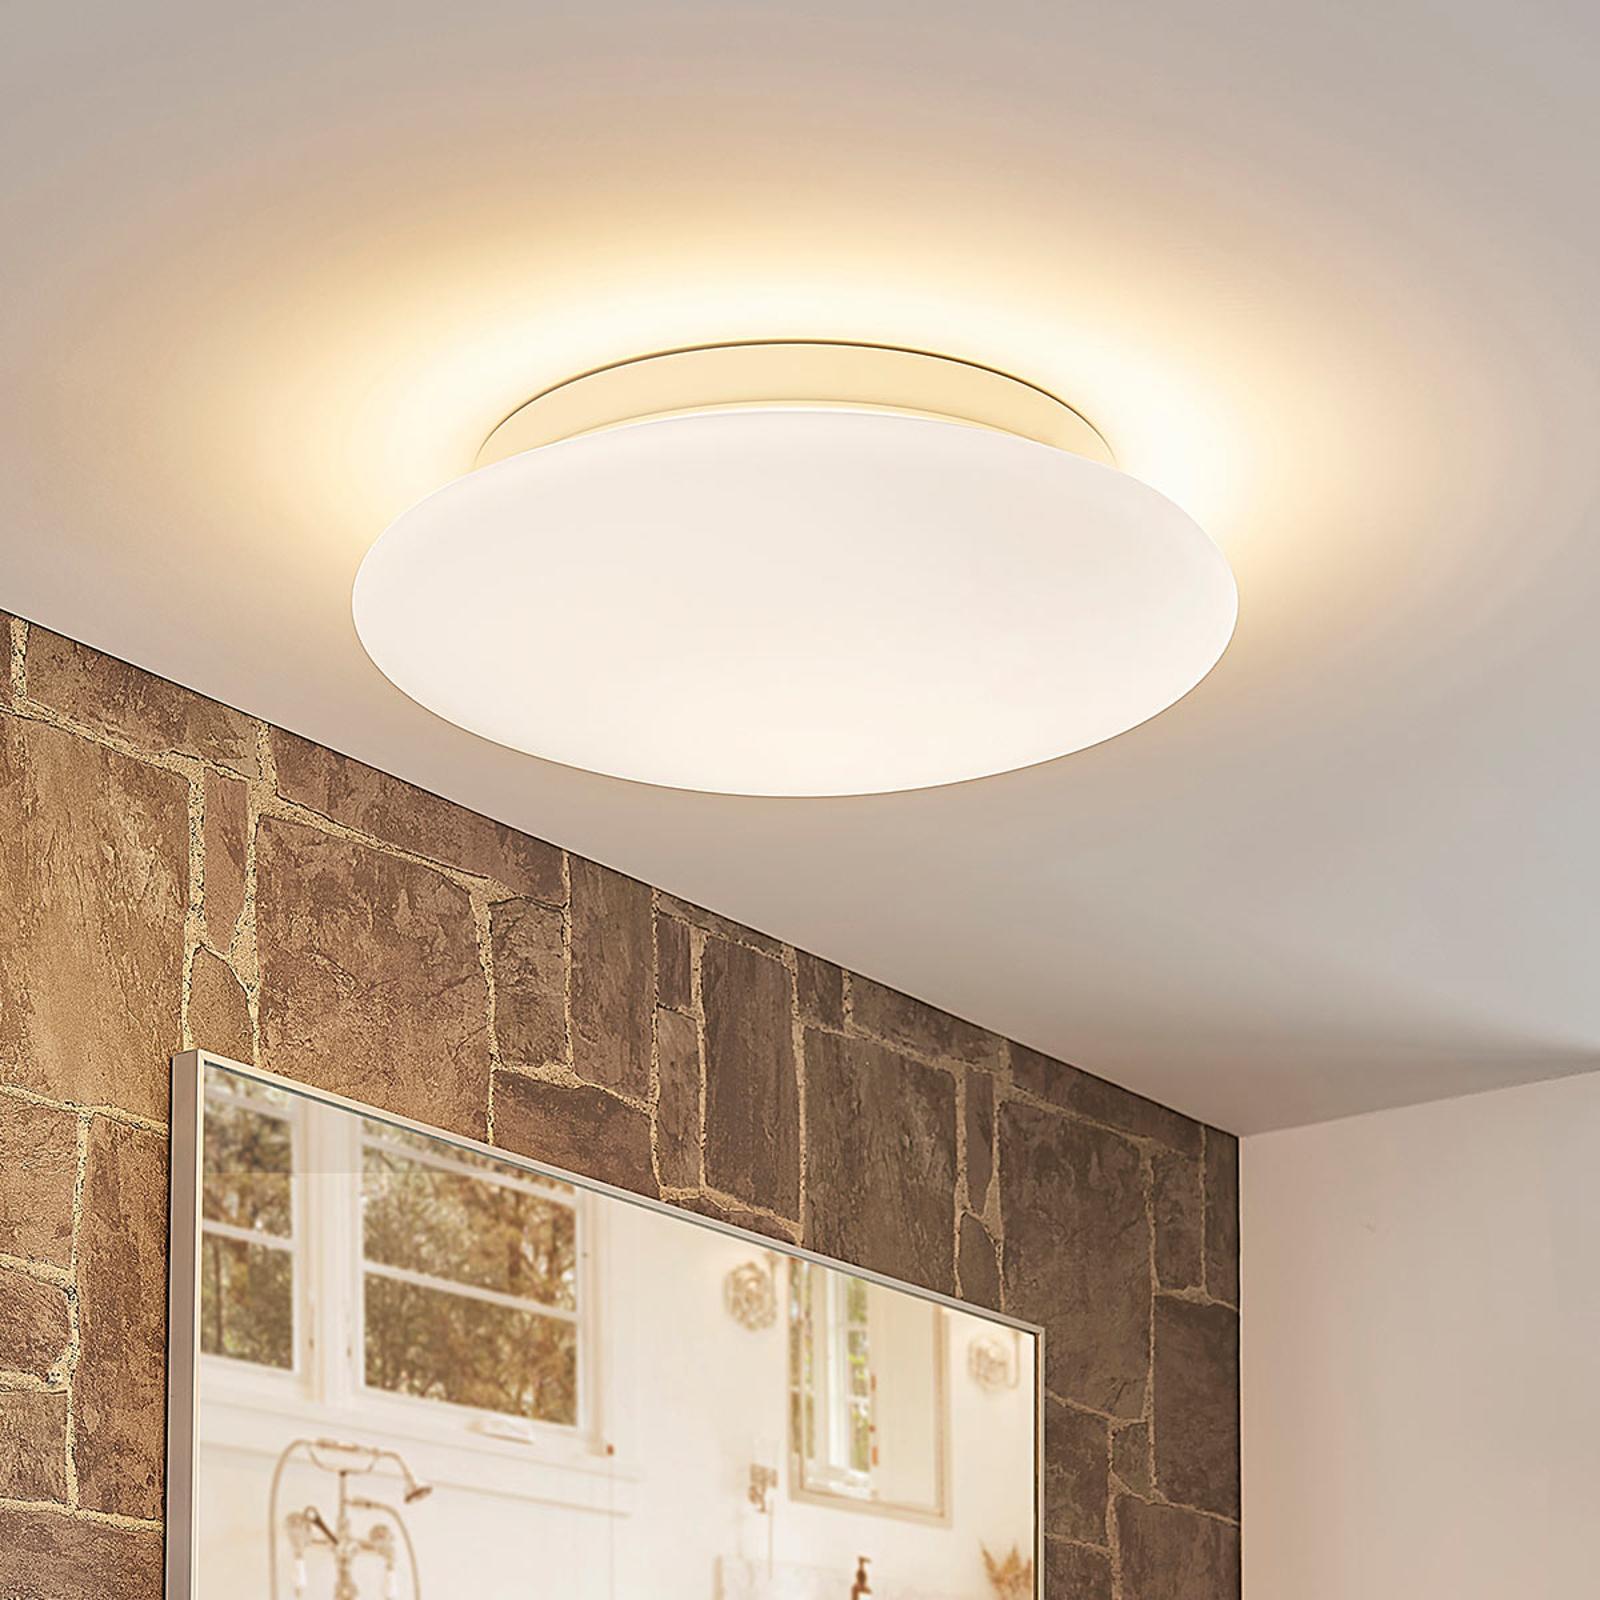 Toan - skleněná stropní lampa, bílá,stmívací, IP44